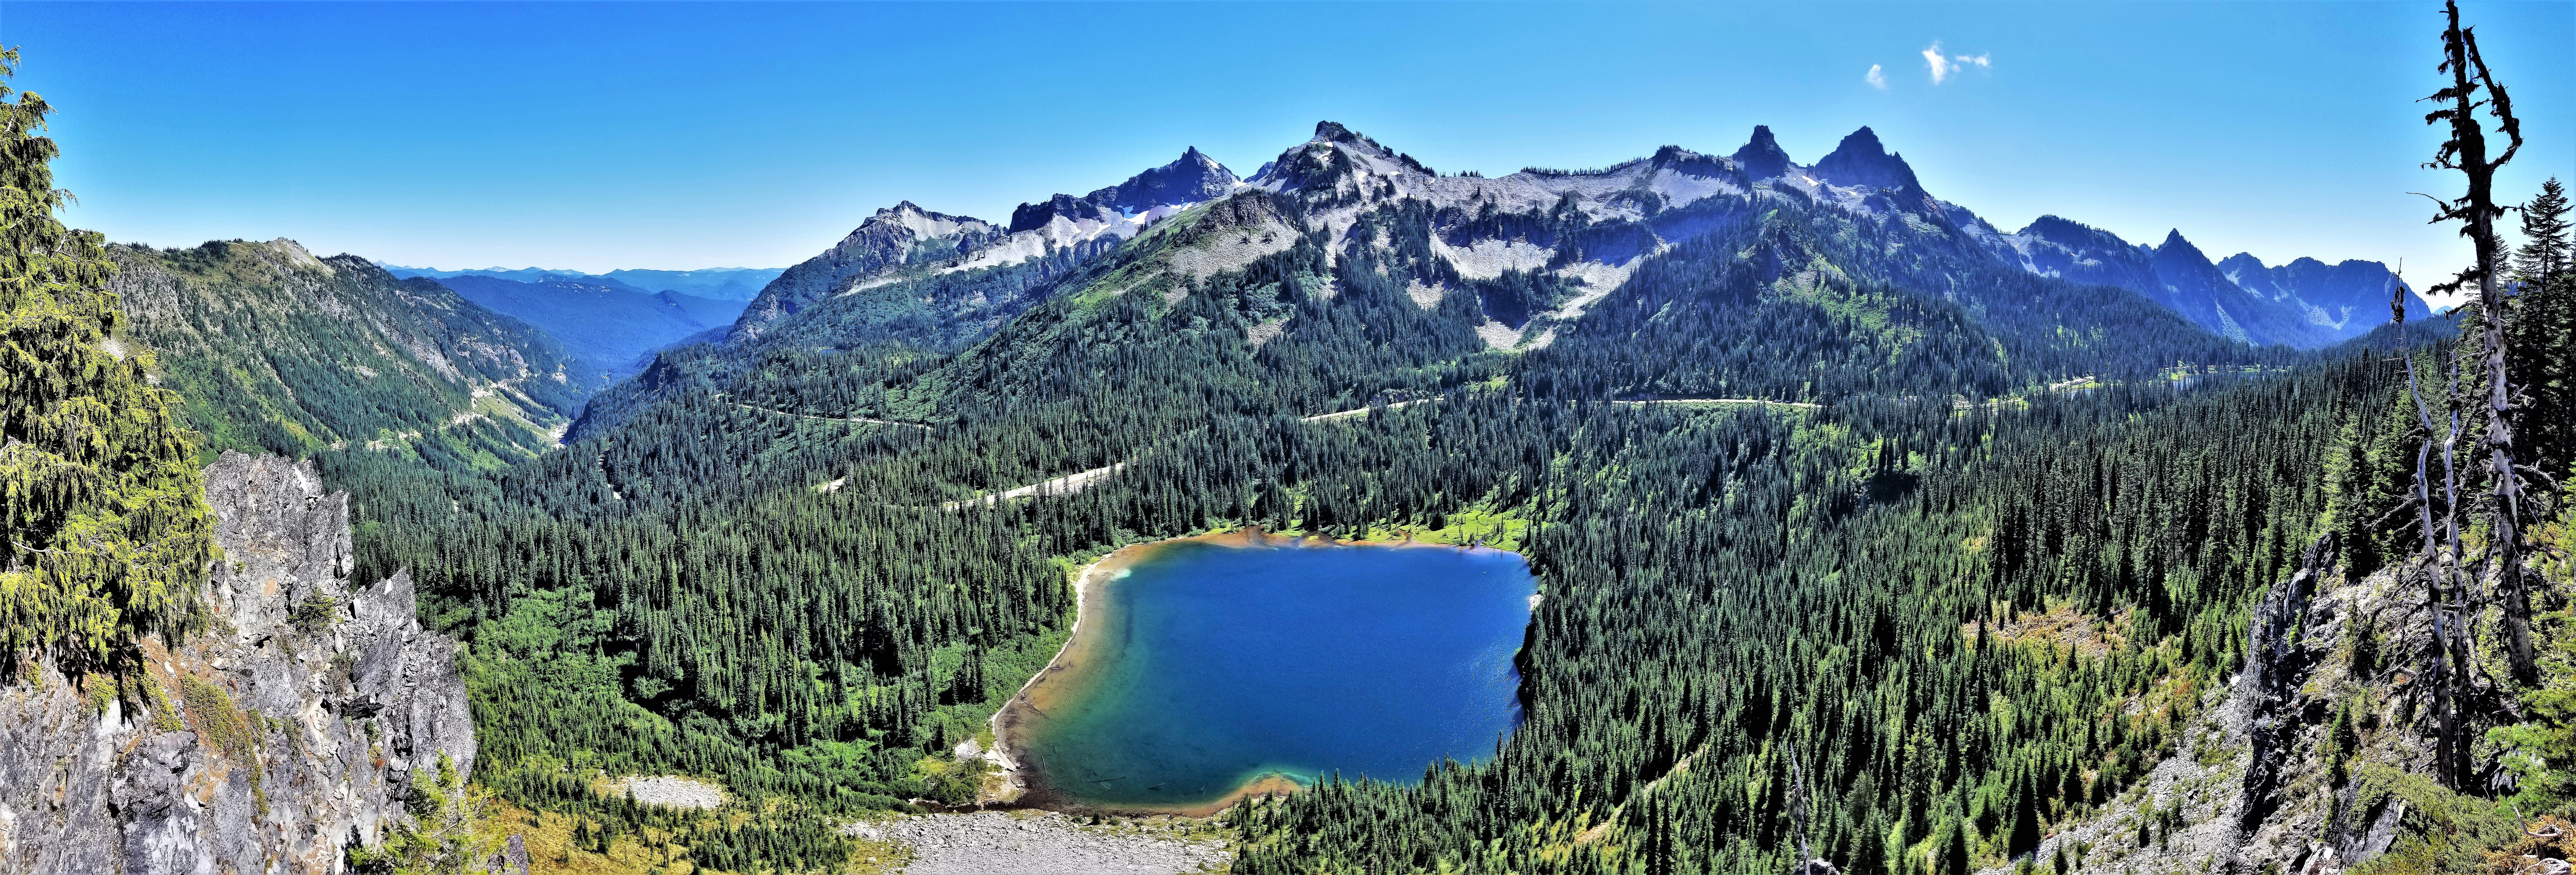 Louise Lake, Mt. Ranier NP